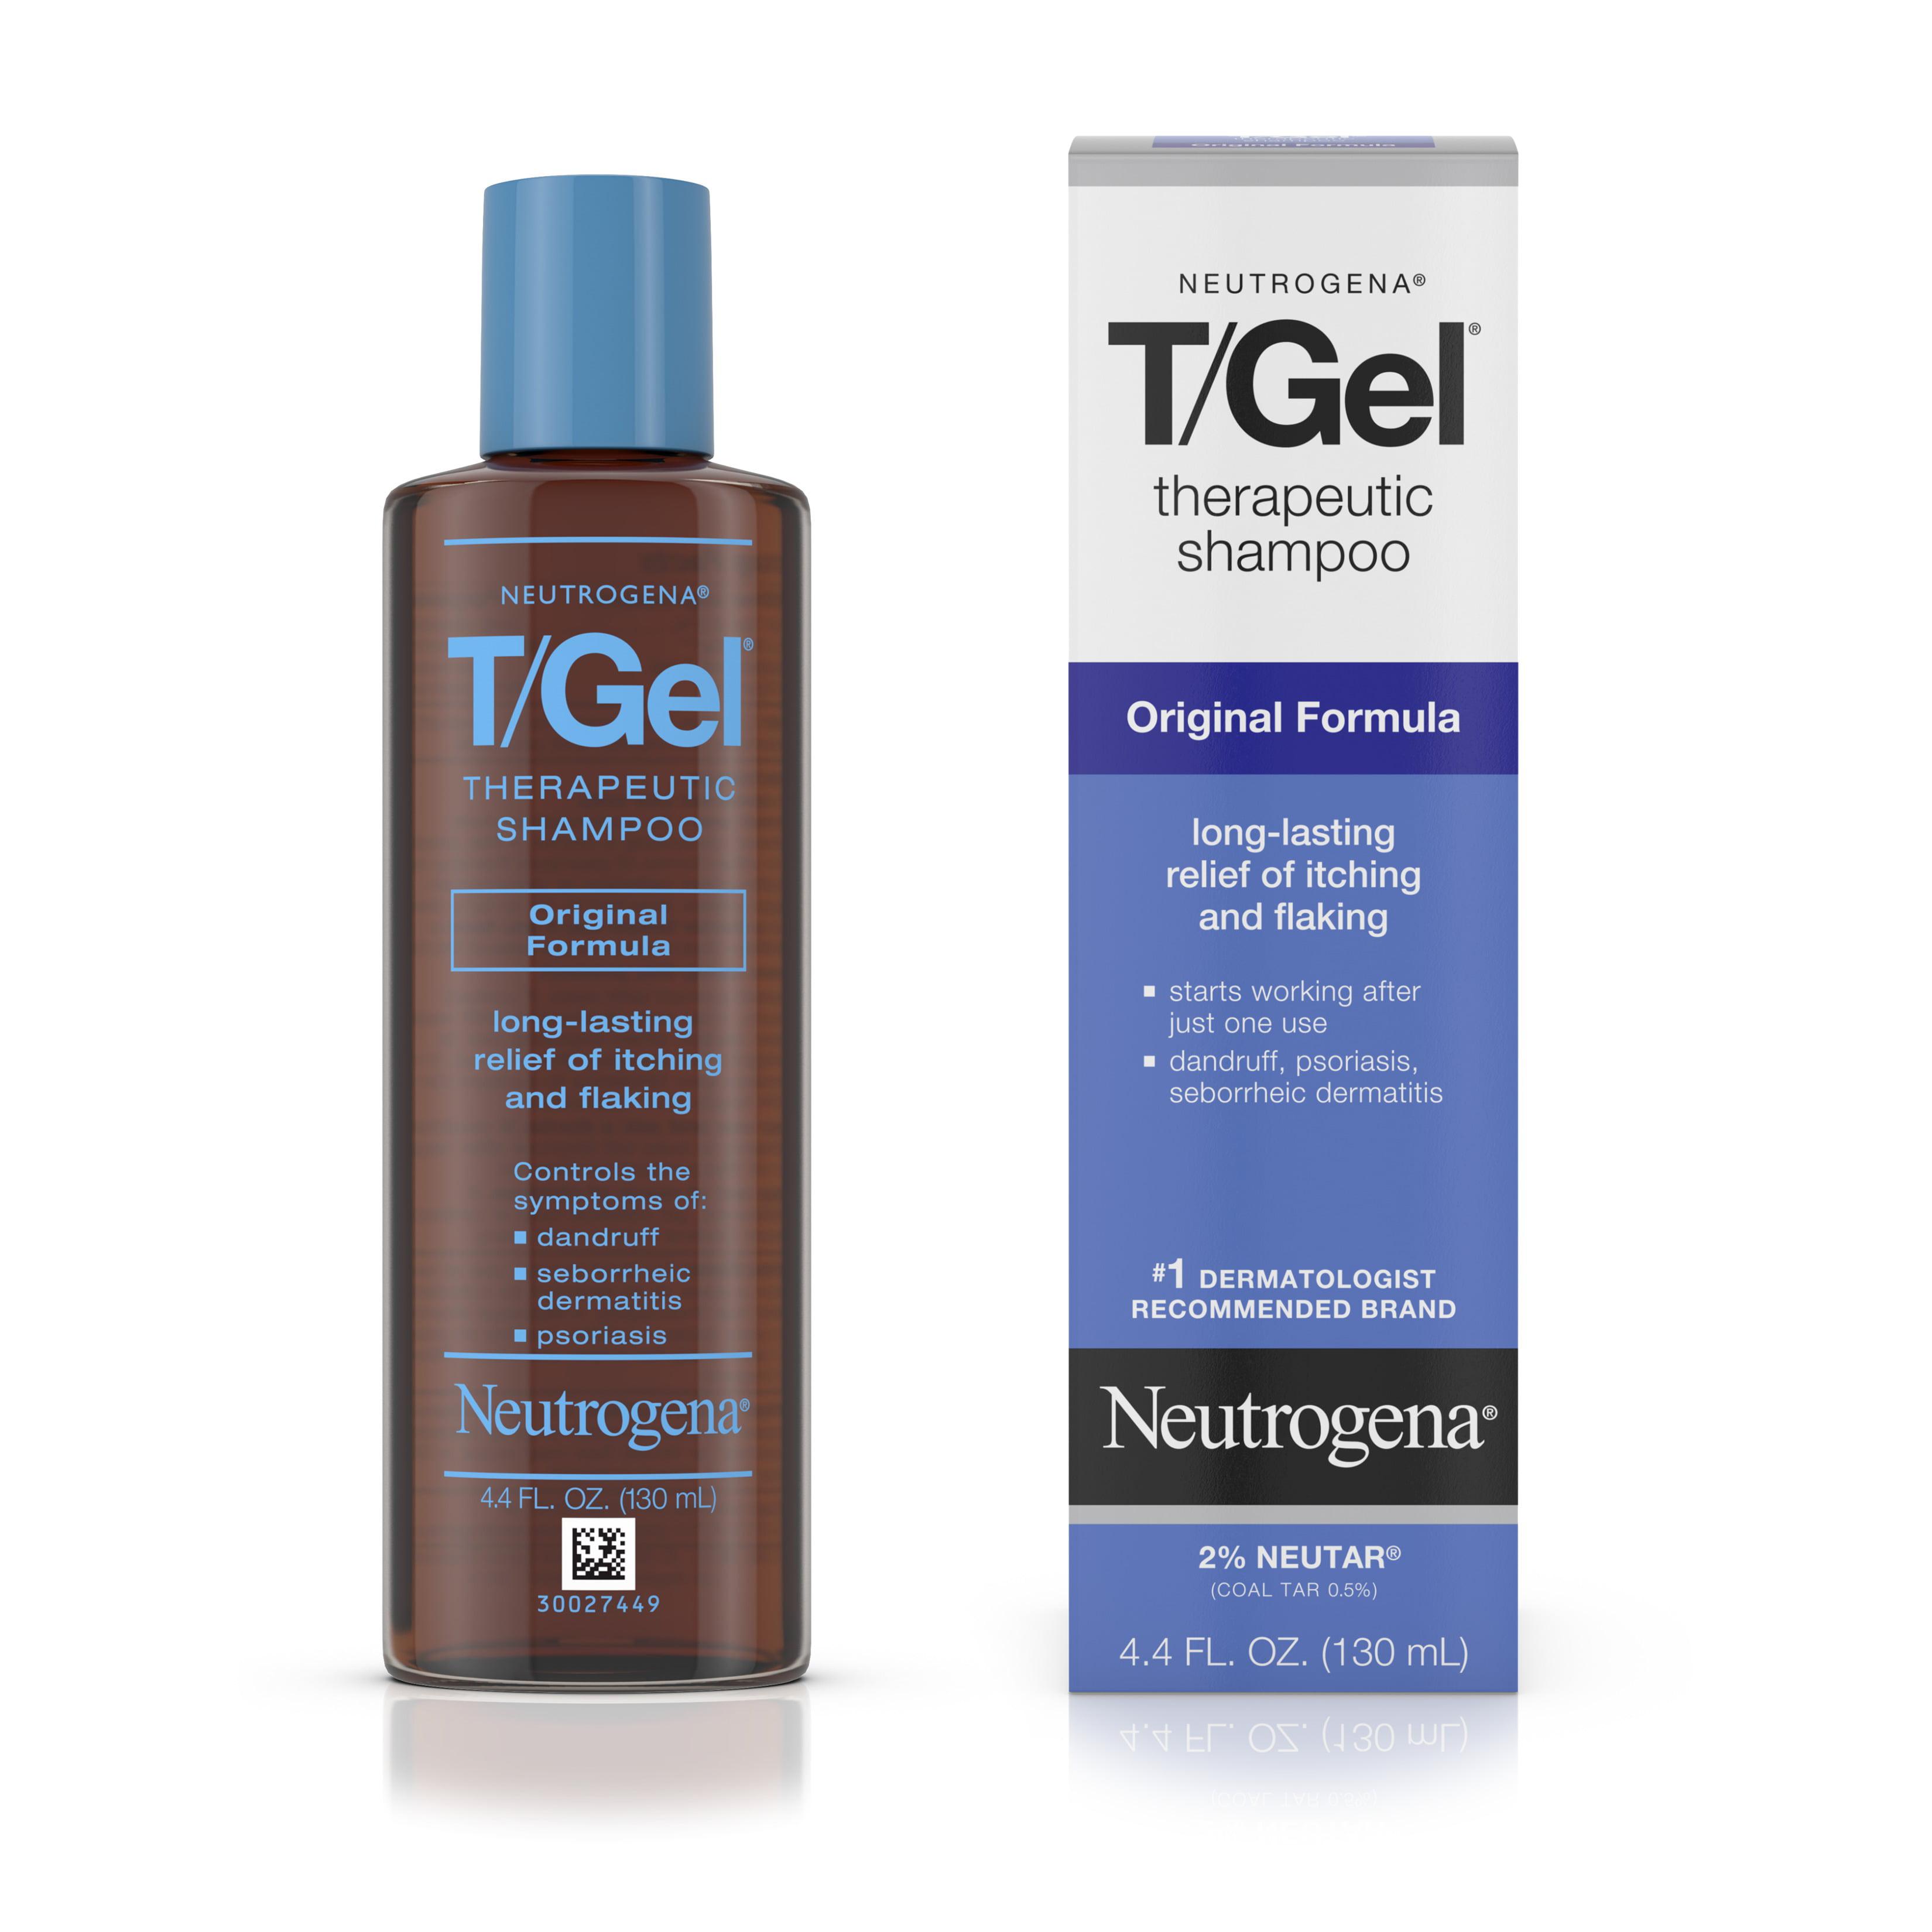 Neutrogena T/Gel Therapeutic Dandruff Treatment Shampoo, 4.4 fl. oz